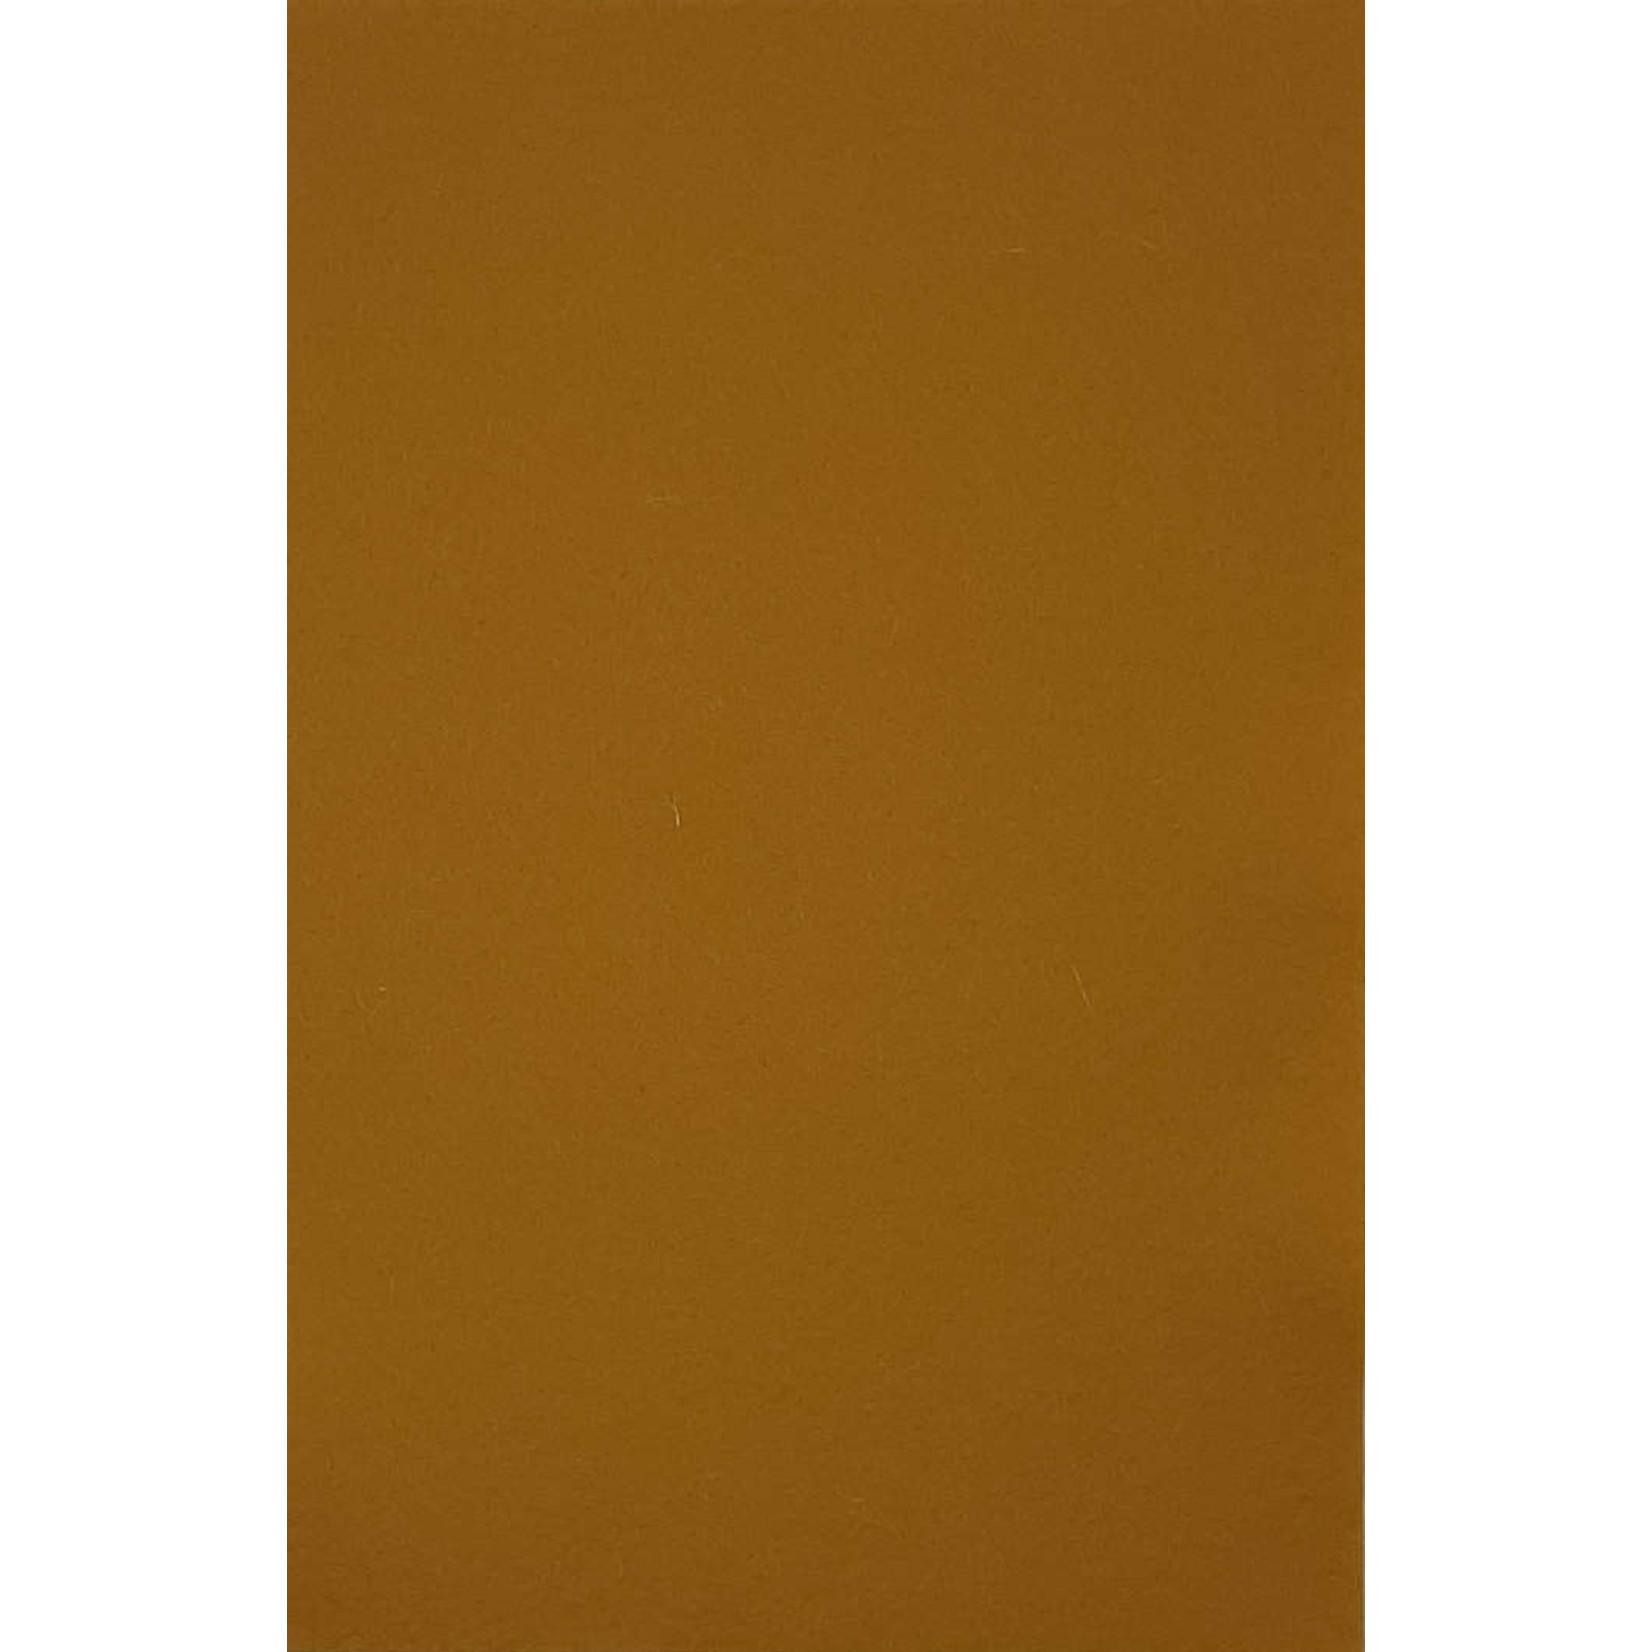 HollandFelt Wolvilt - lapje 20 x 30 cm. - kleur 11 - Brons - zuiver scheerwol- 1 mm. dik